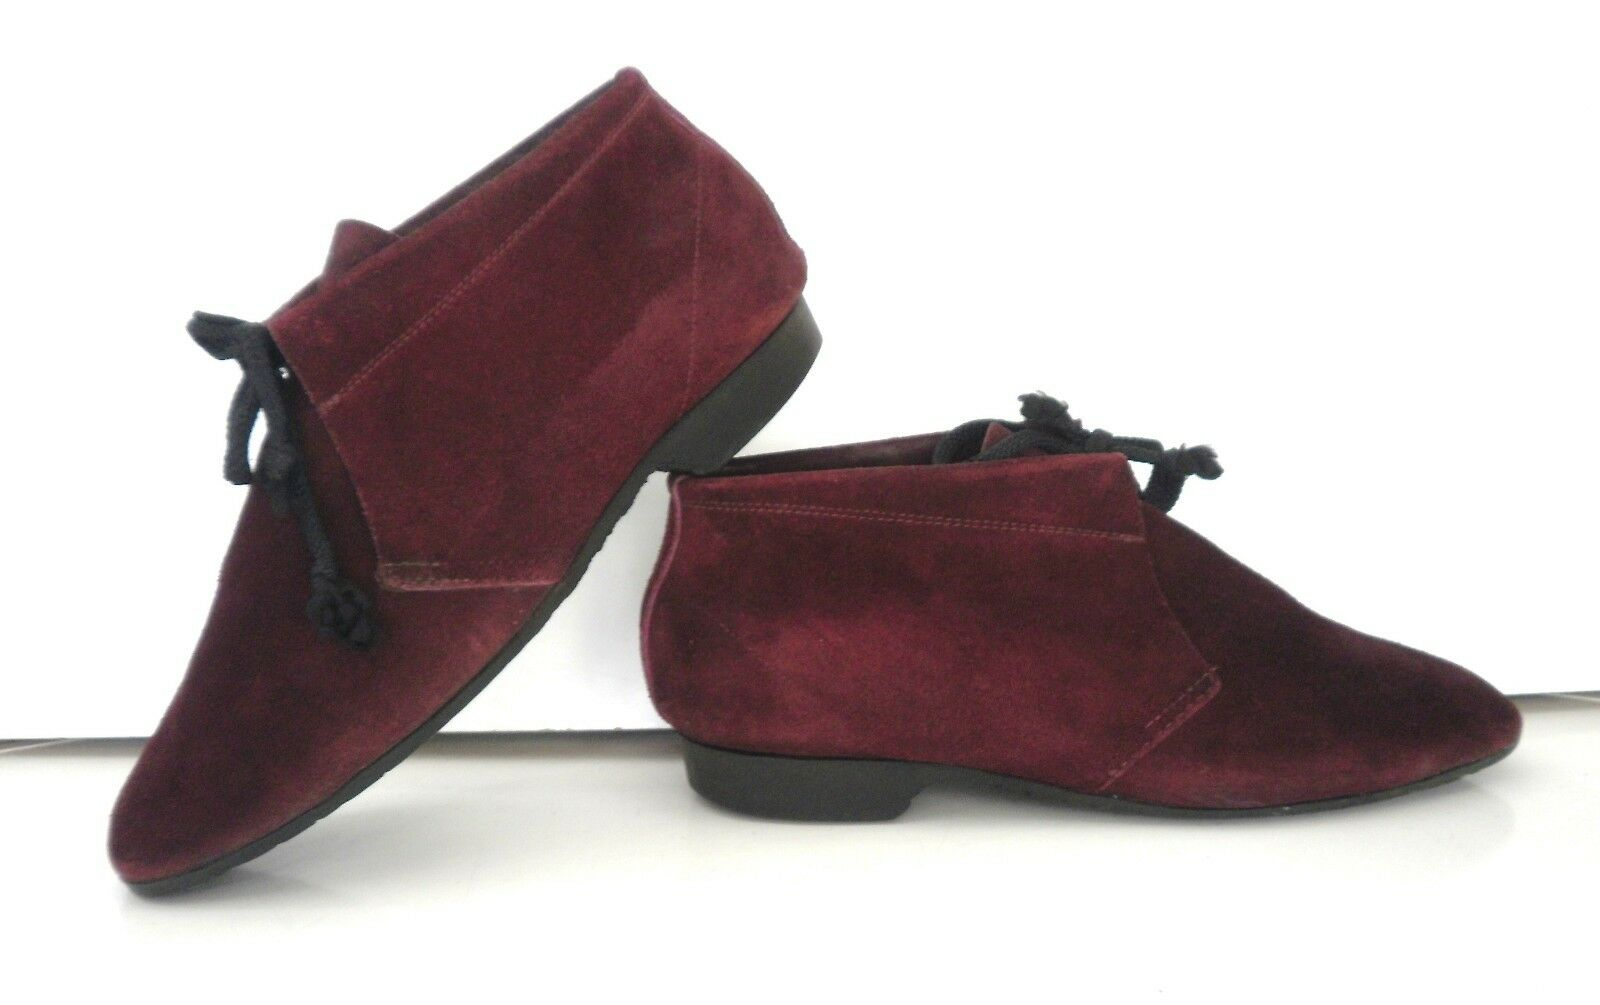 Moda barata y hermosa Descuento por tiempo limitado Damen Schnürschuhe Boots AMICA 60er made 60´s made italy TRUE VINTAGE Halbschuhe